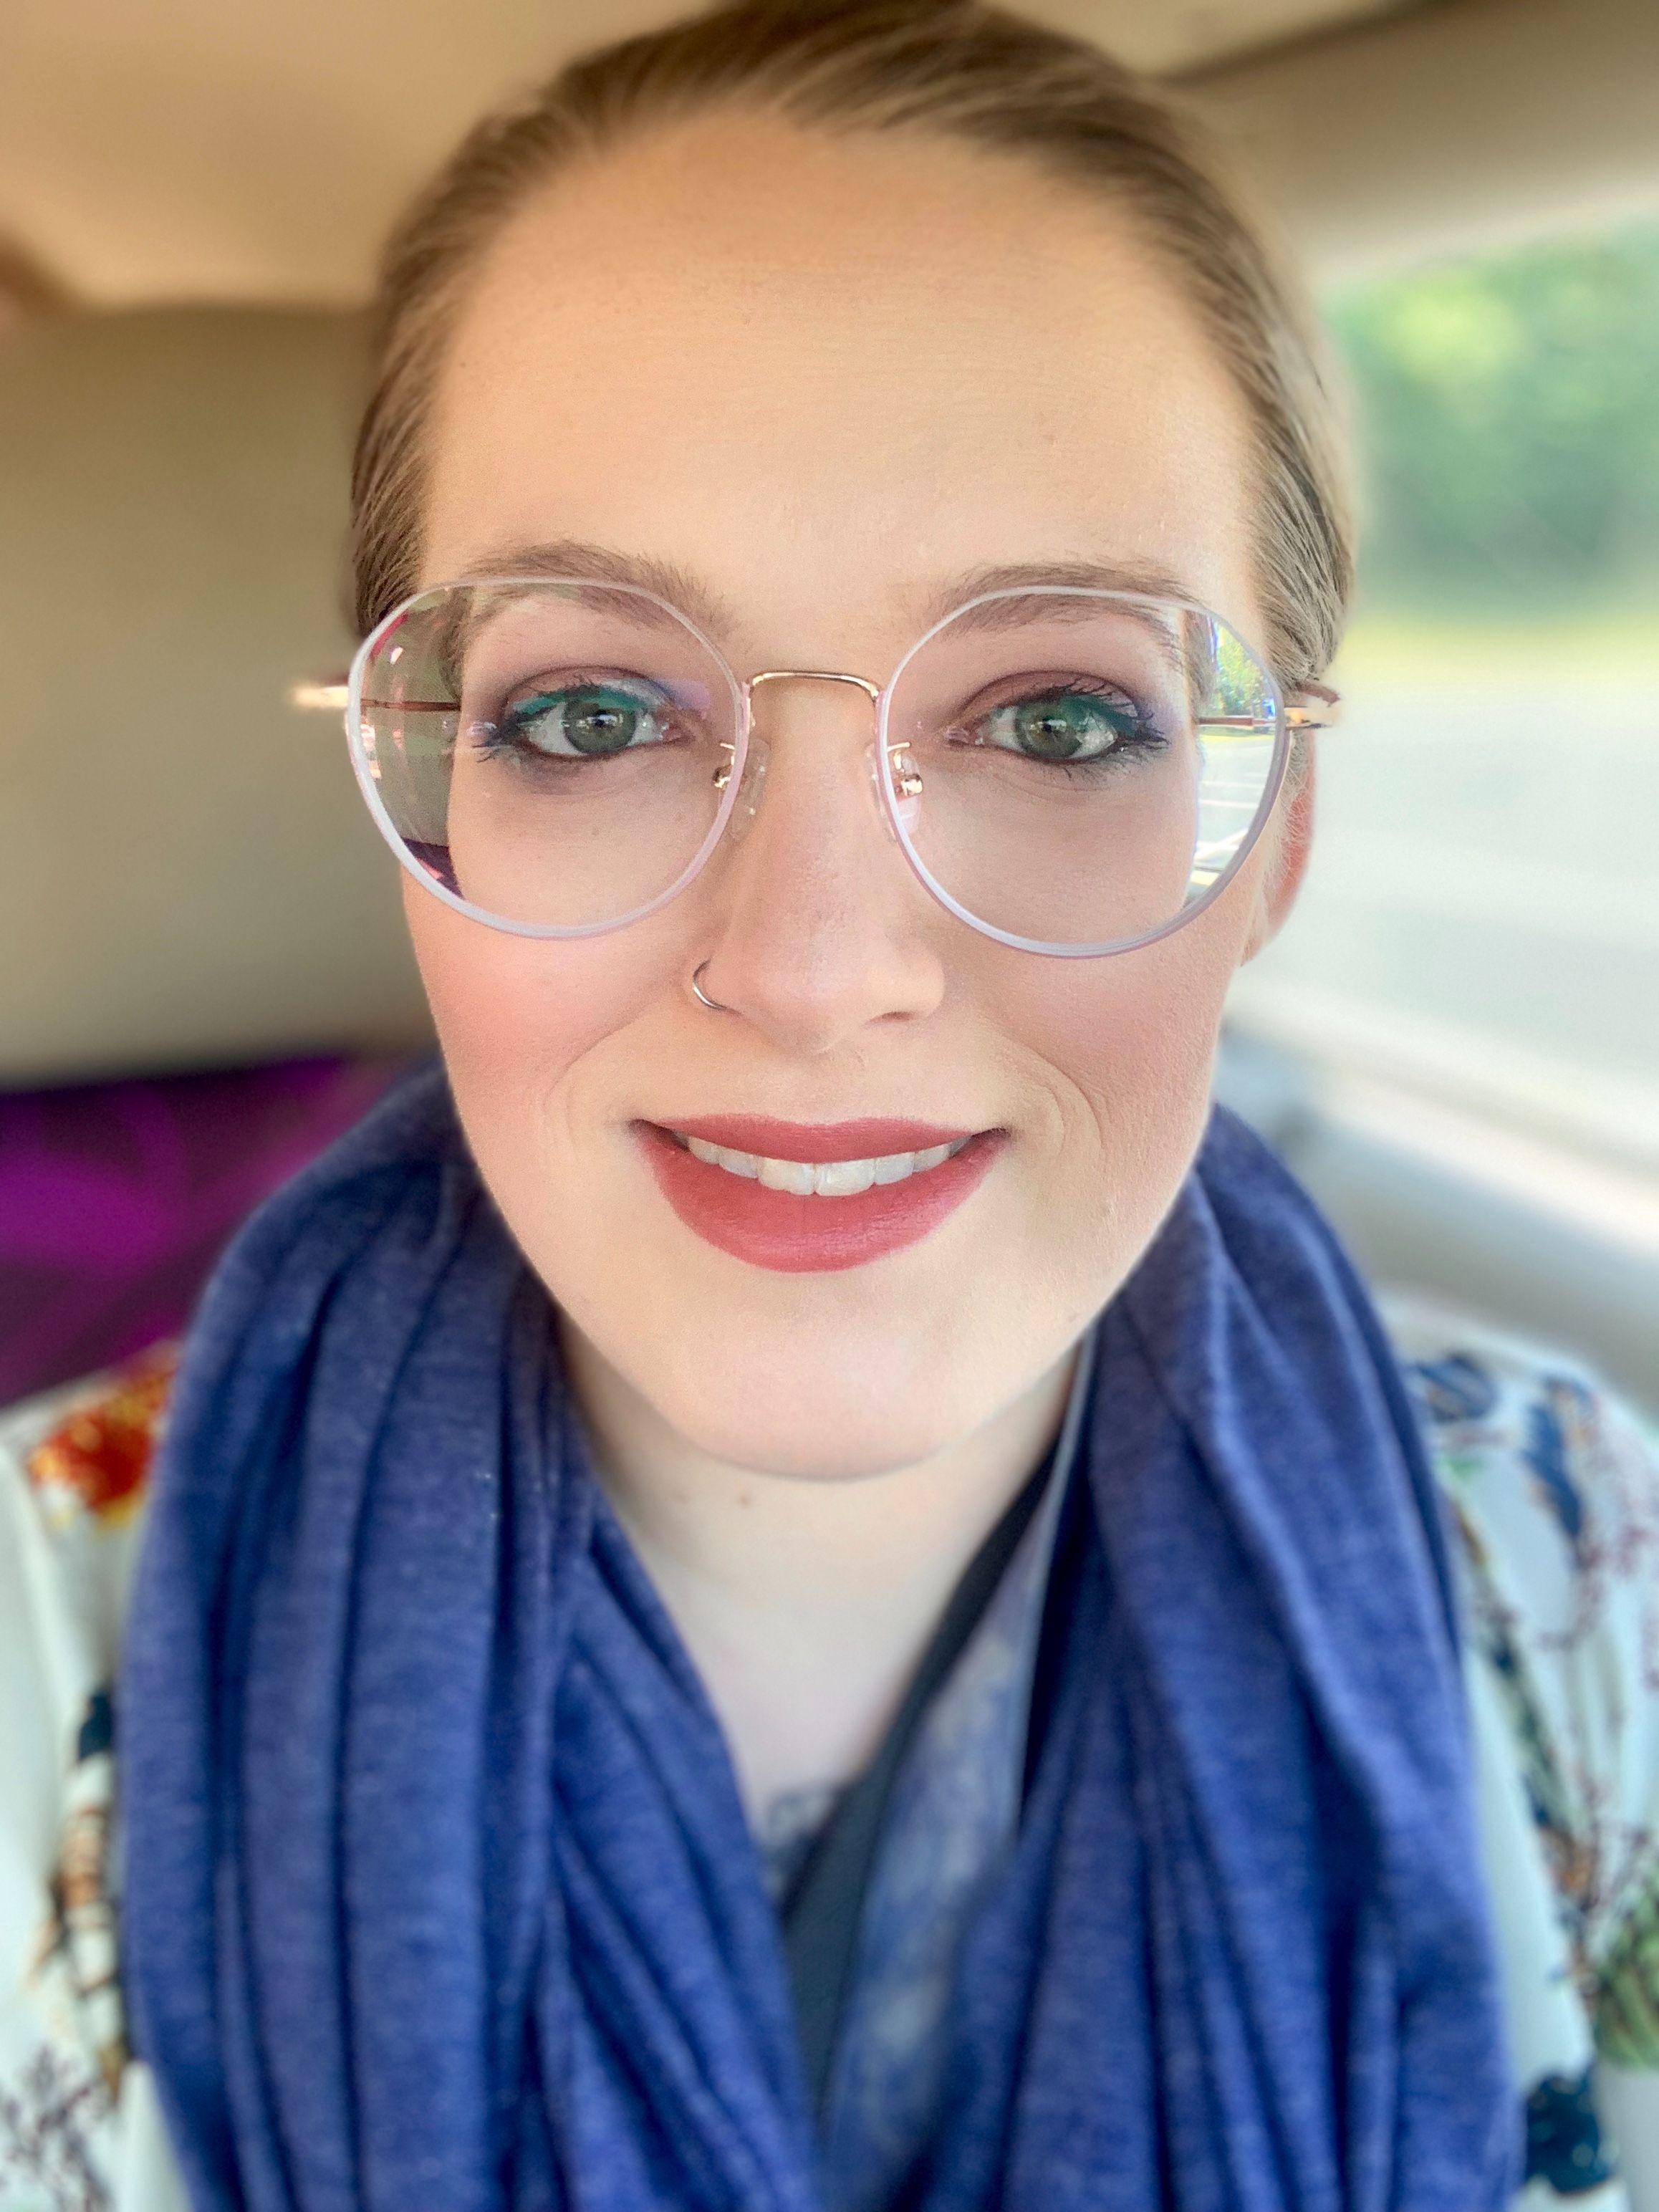 Buy One Get One Free Prescription Eyeglasses Sunglasses For Women Men Firmoo Com Prescription Eyeglasses Girls With Glasses Eyeglasses